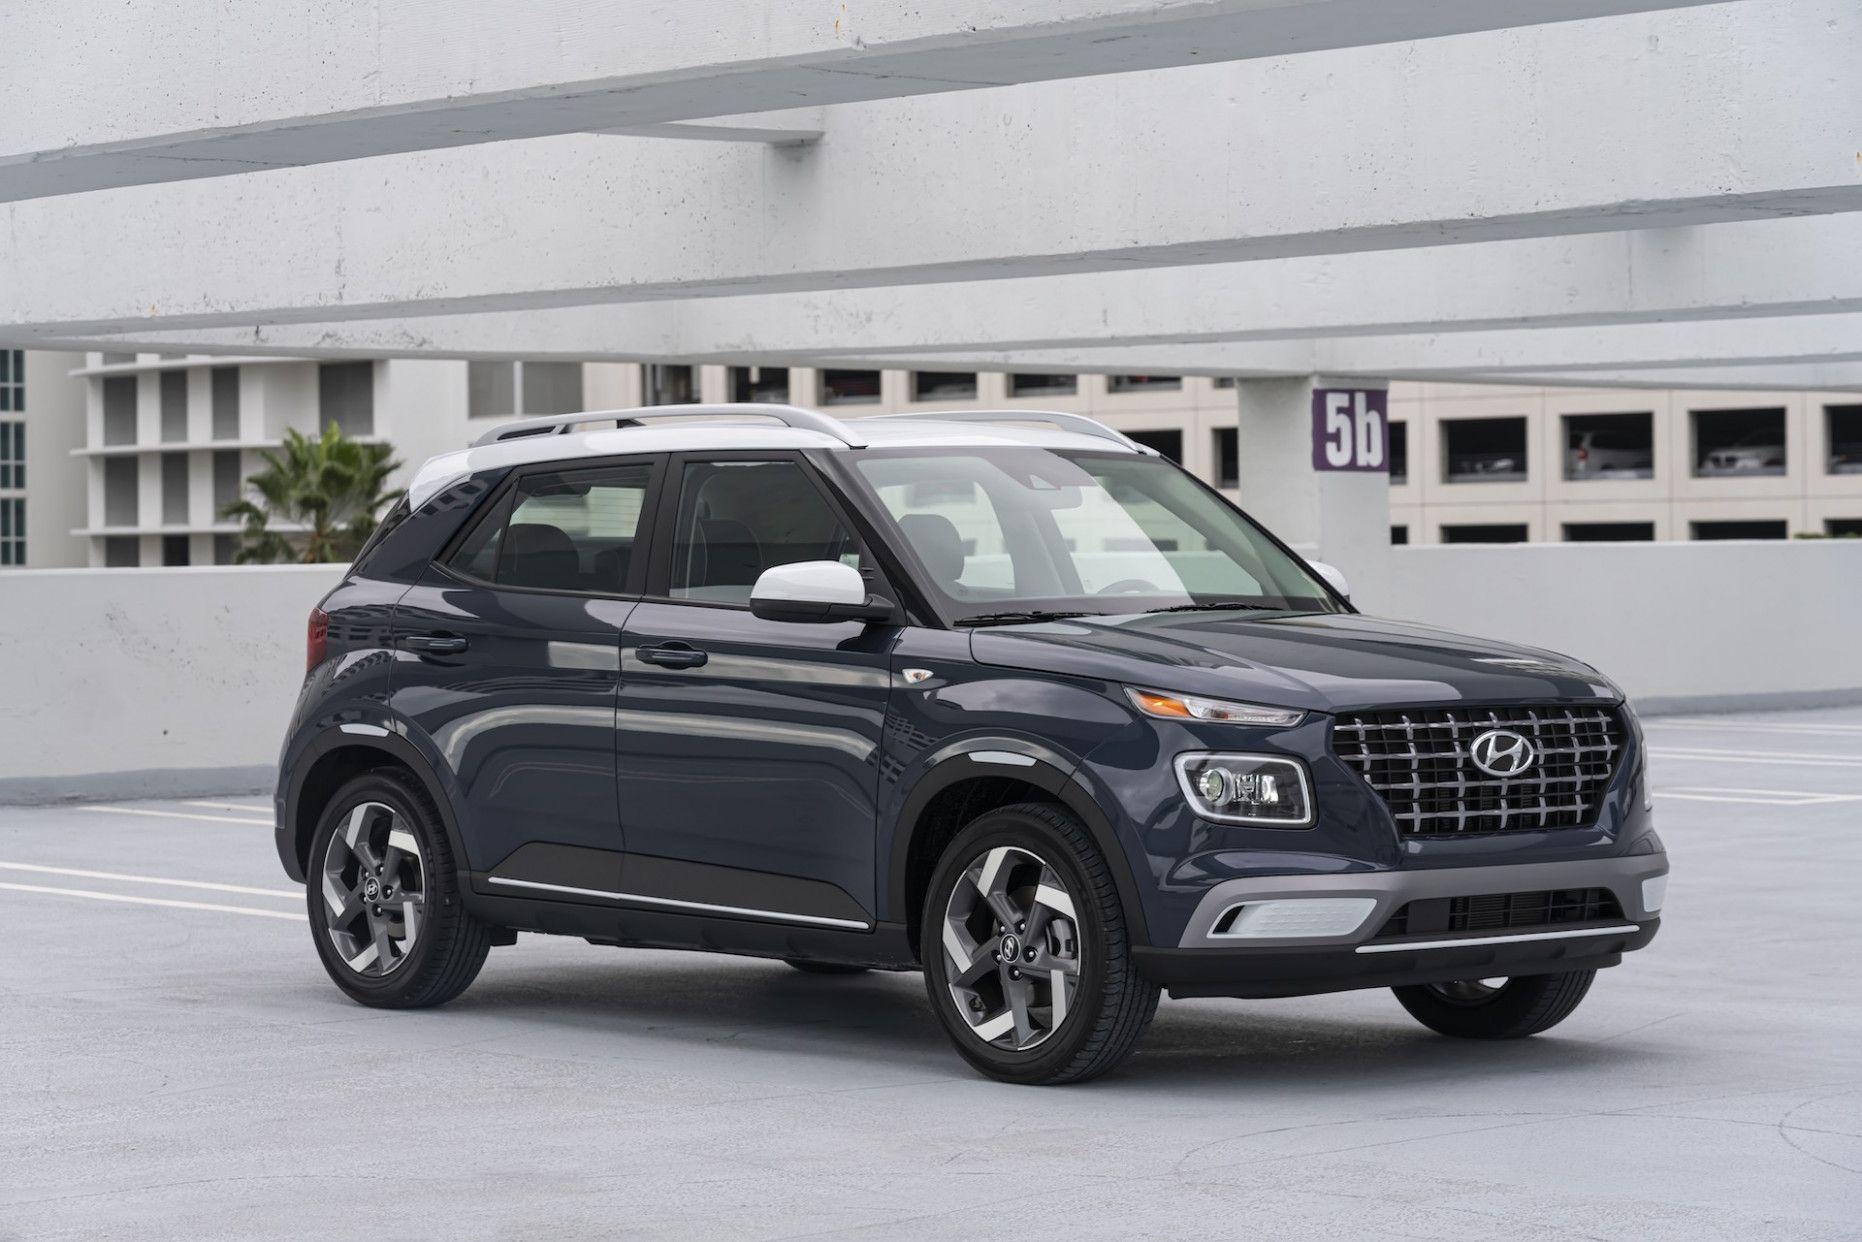 Hyundai Models 2020 Price di 2020